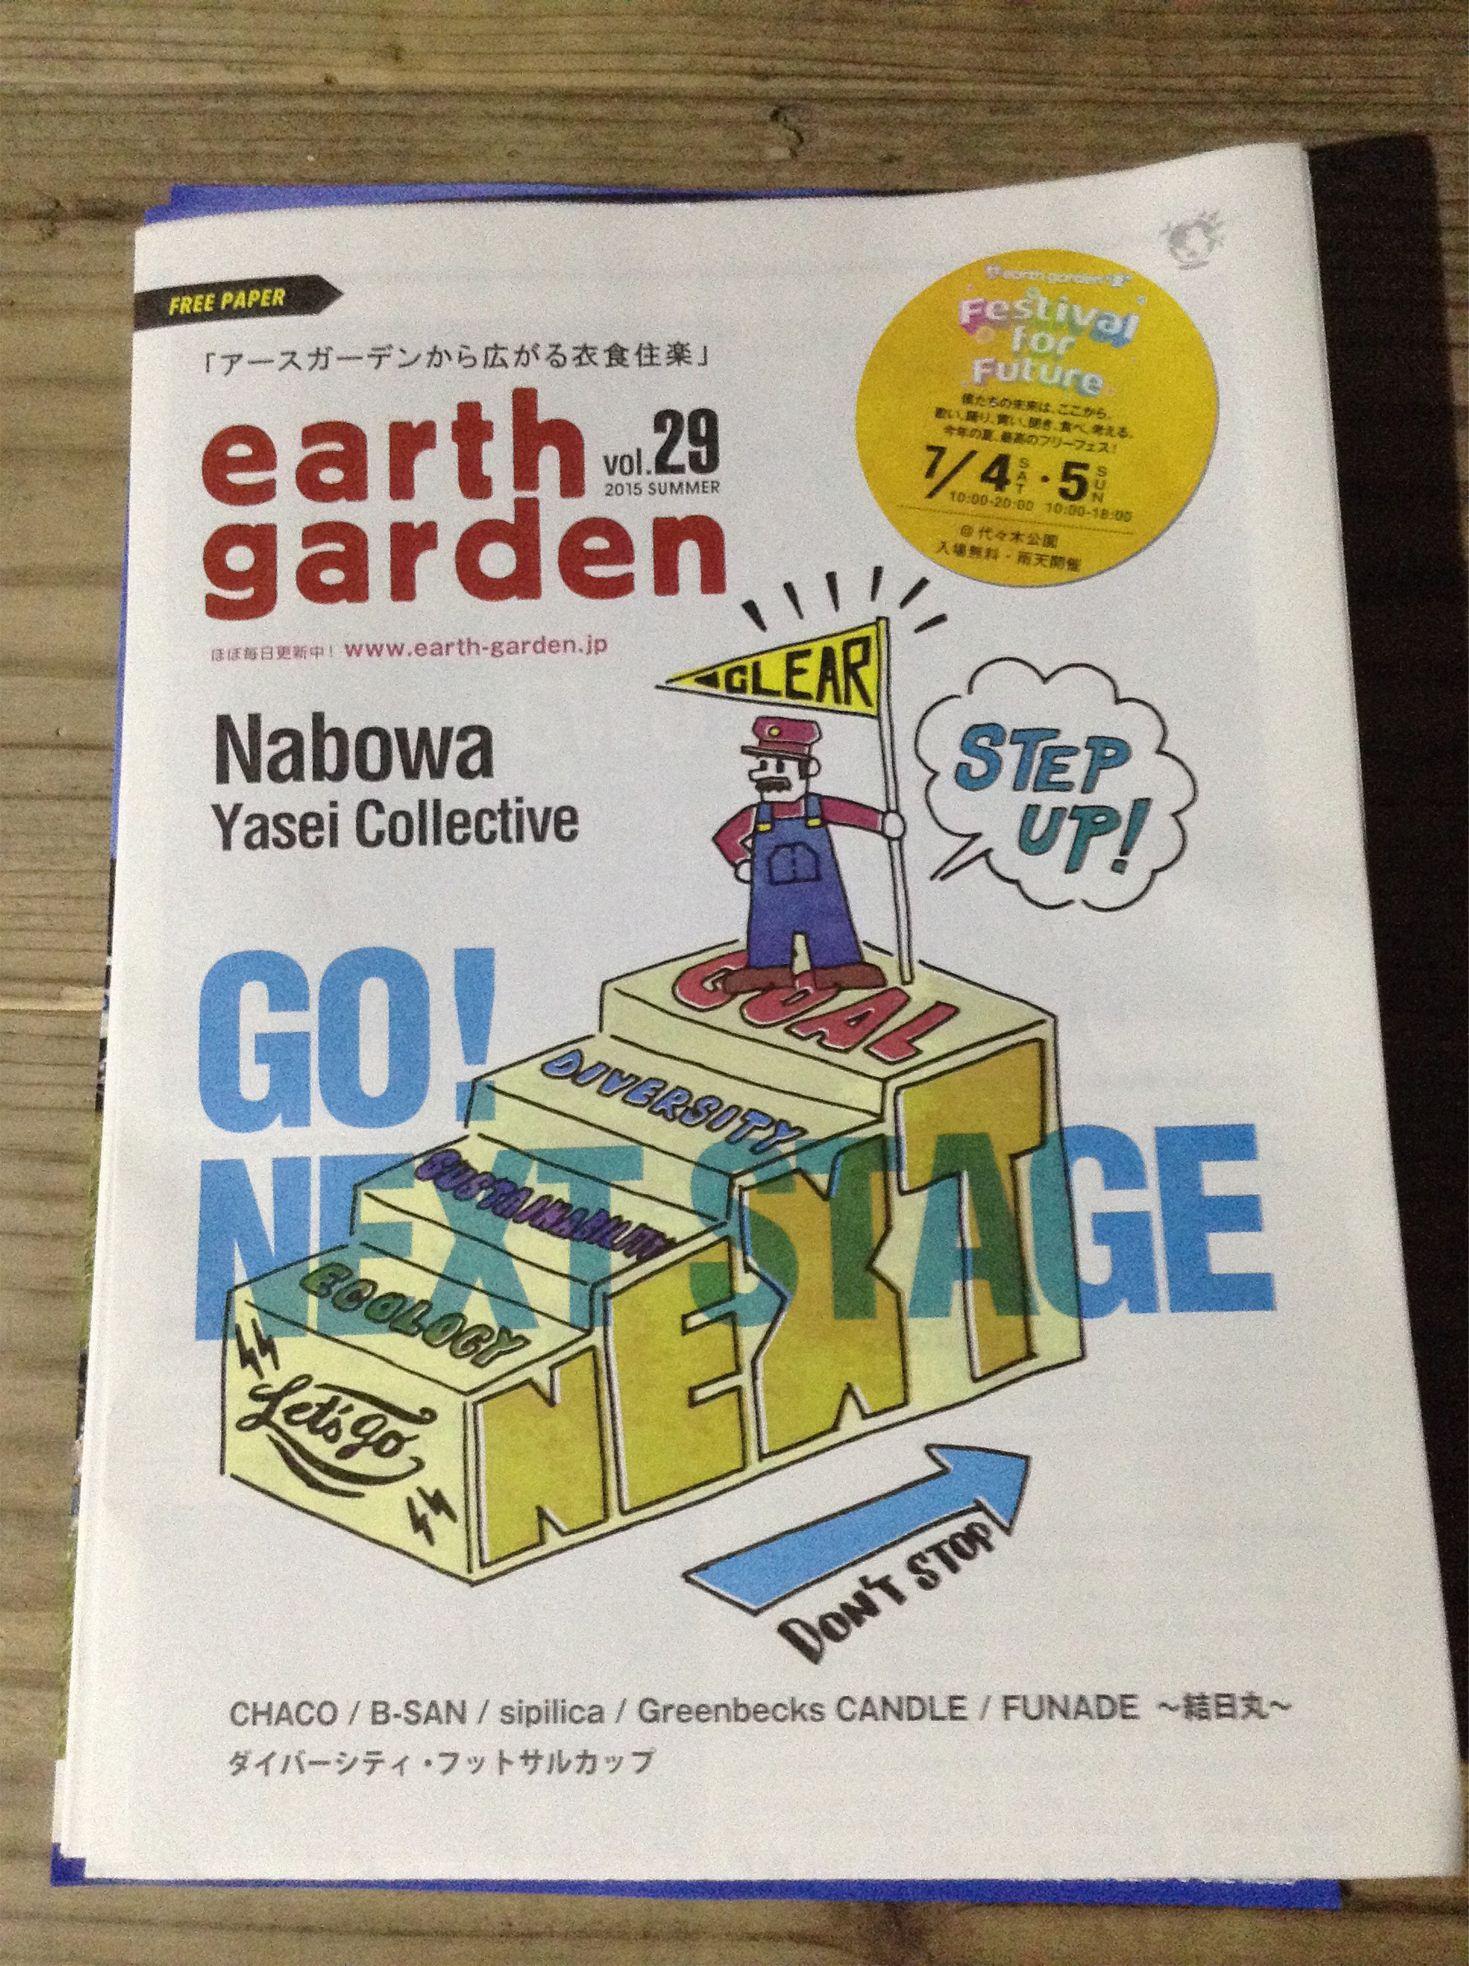 earth gardenへの出店が決まりました!